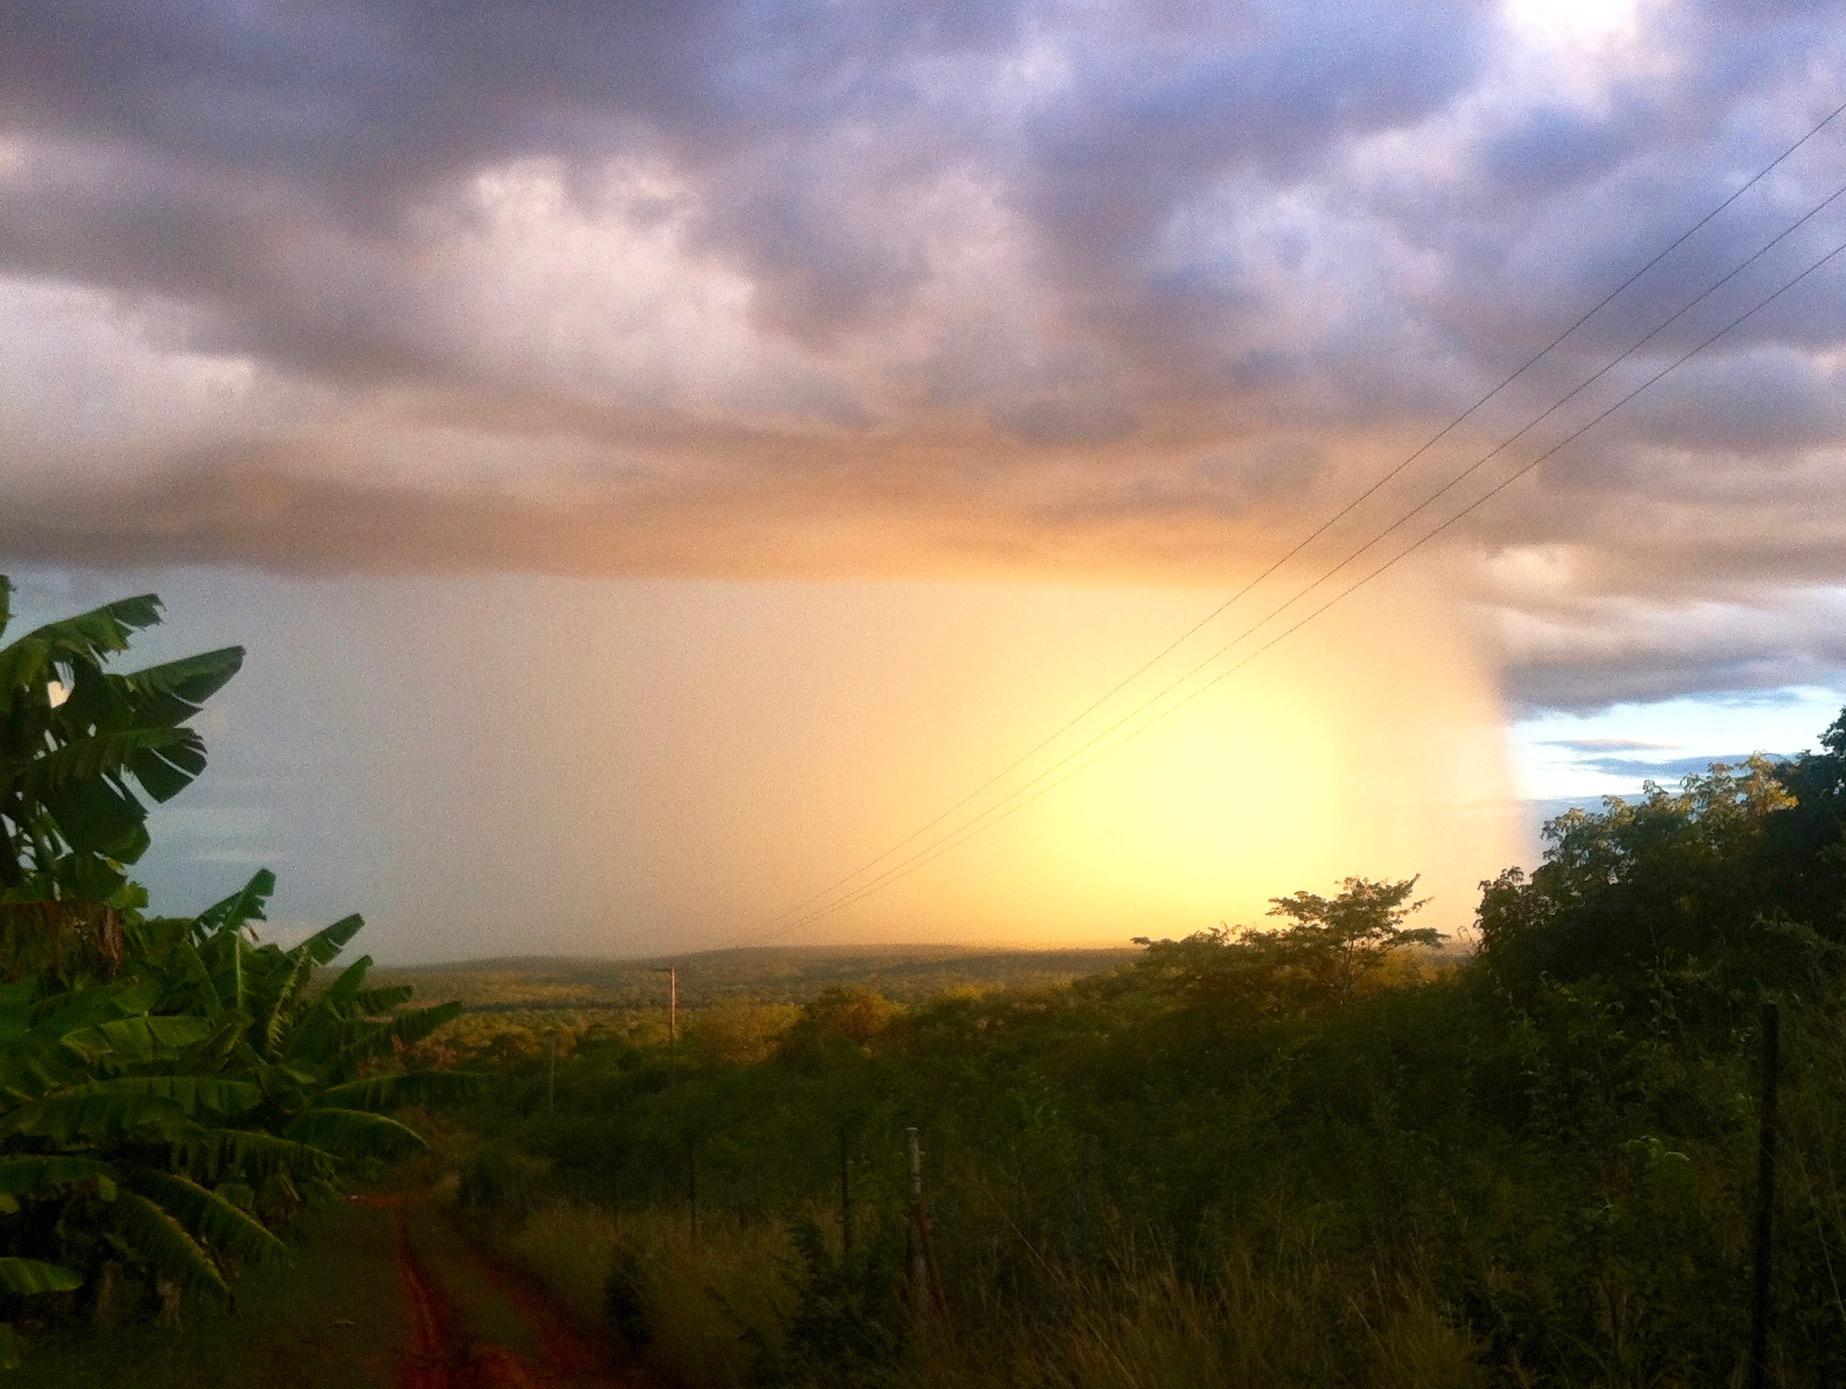 A sunlit rainstorm on the farm.